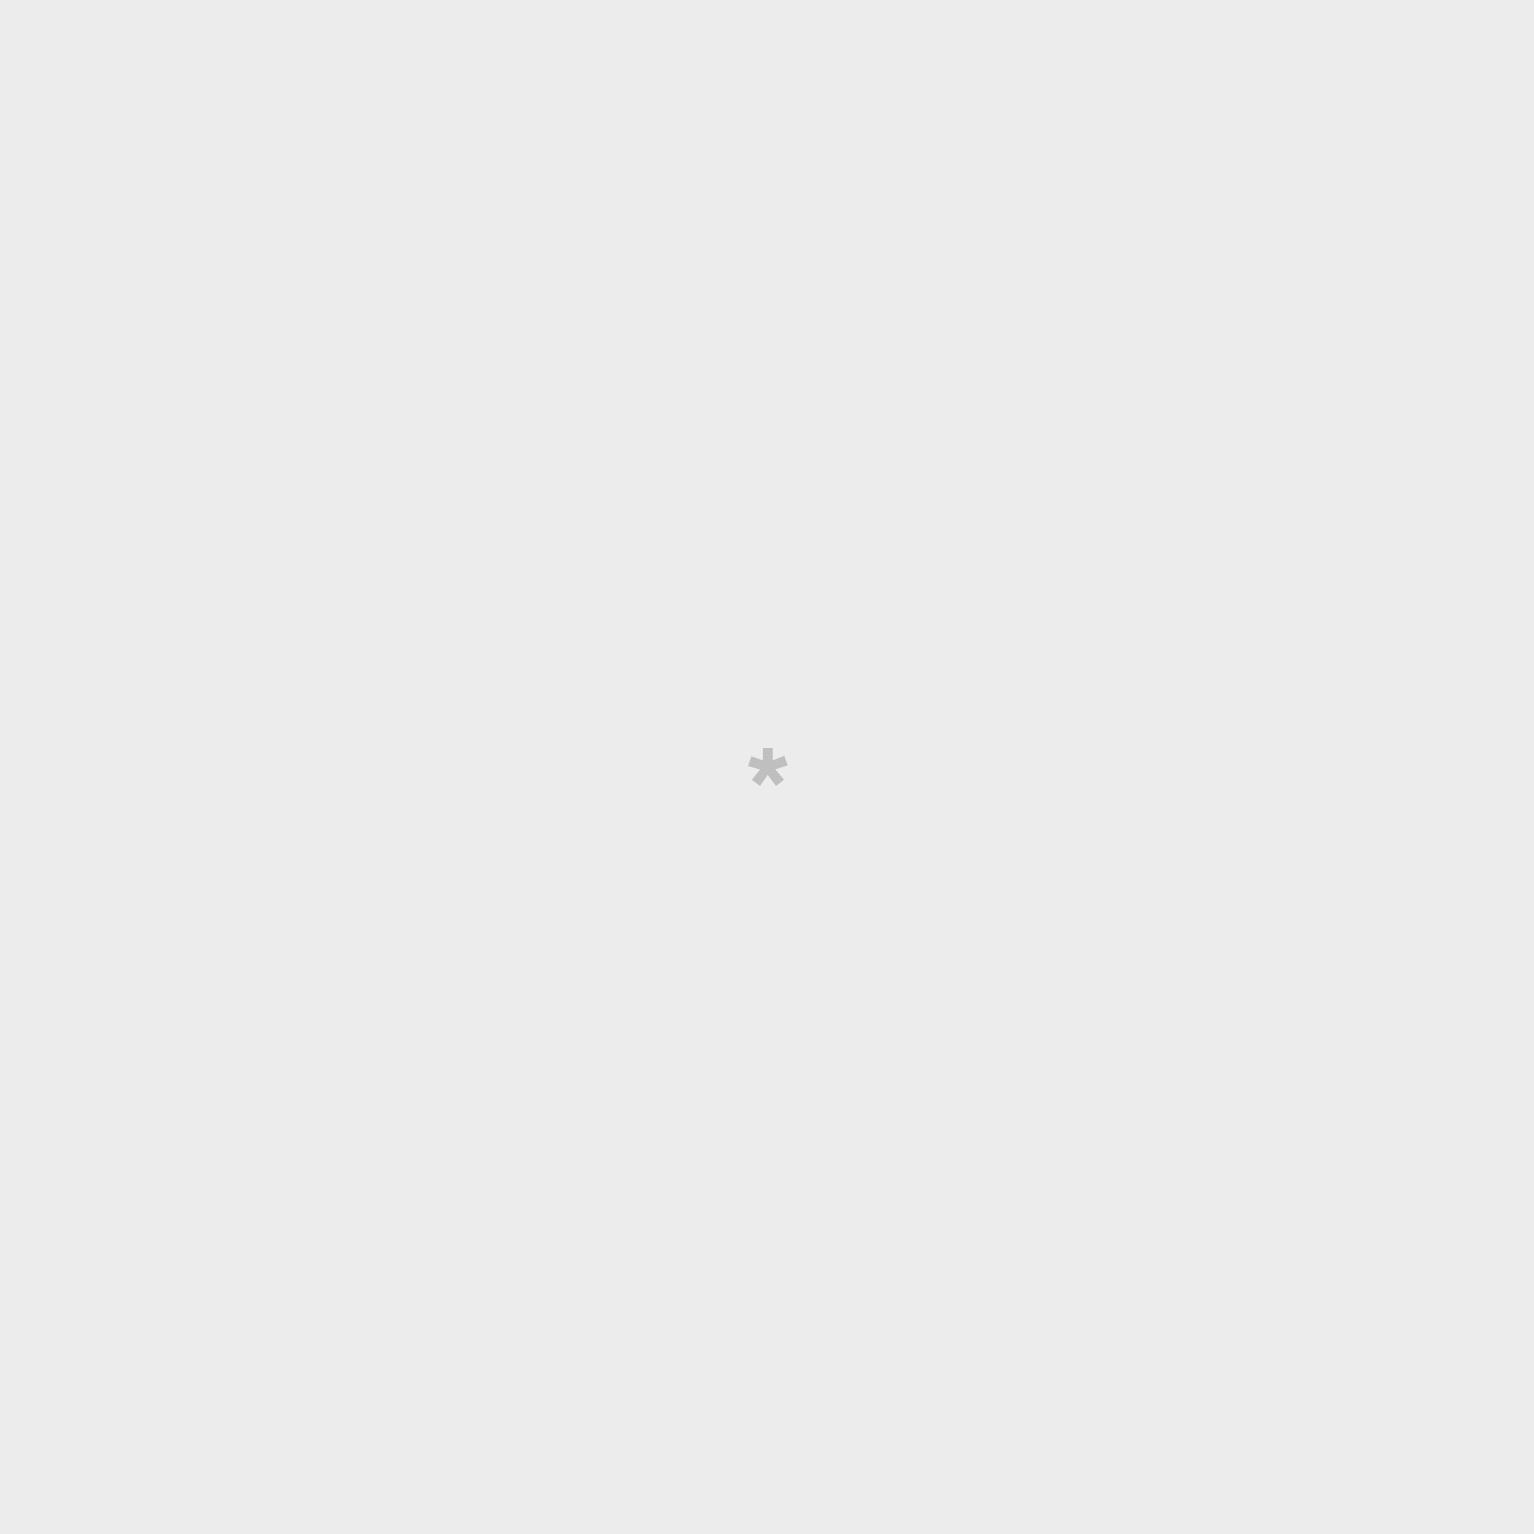 Álbum de fotos rosa - Um dia inesquecível: o meu b atizado